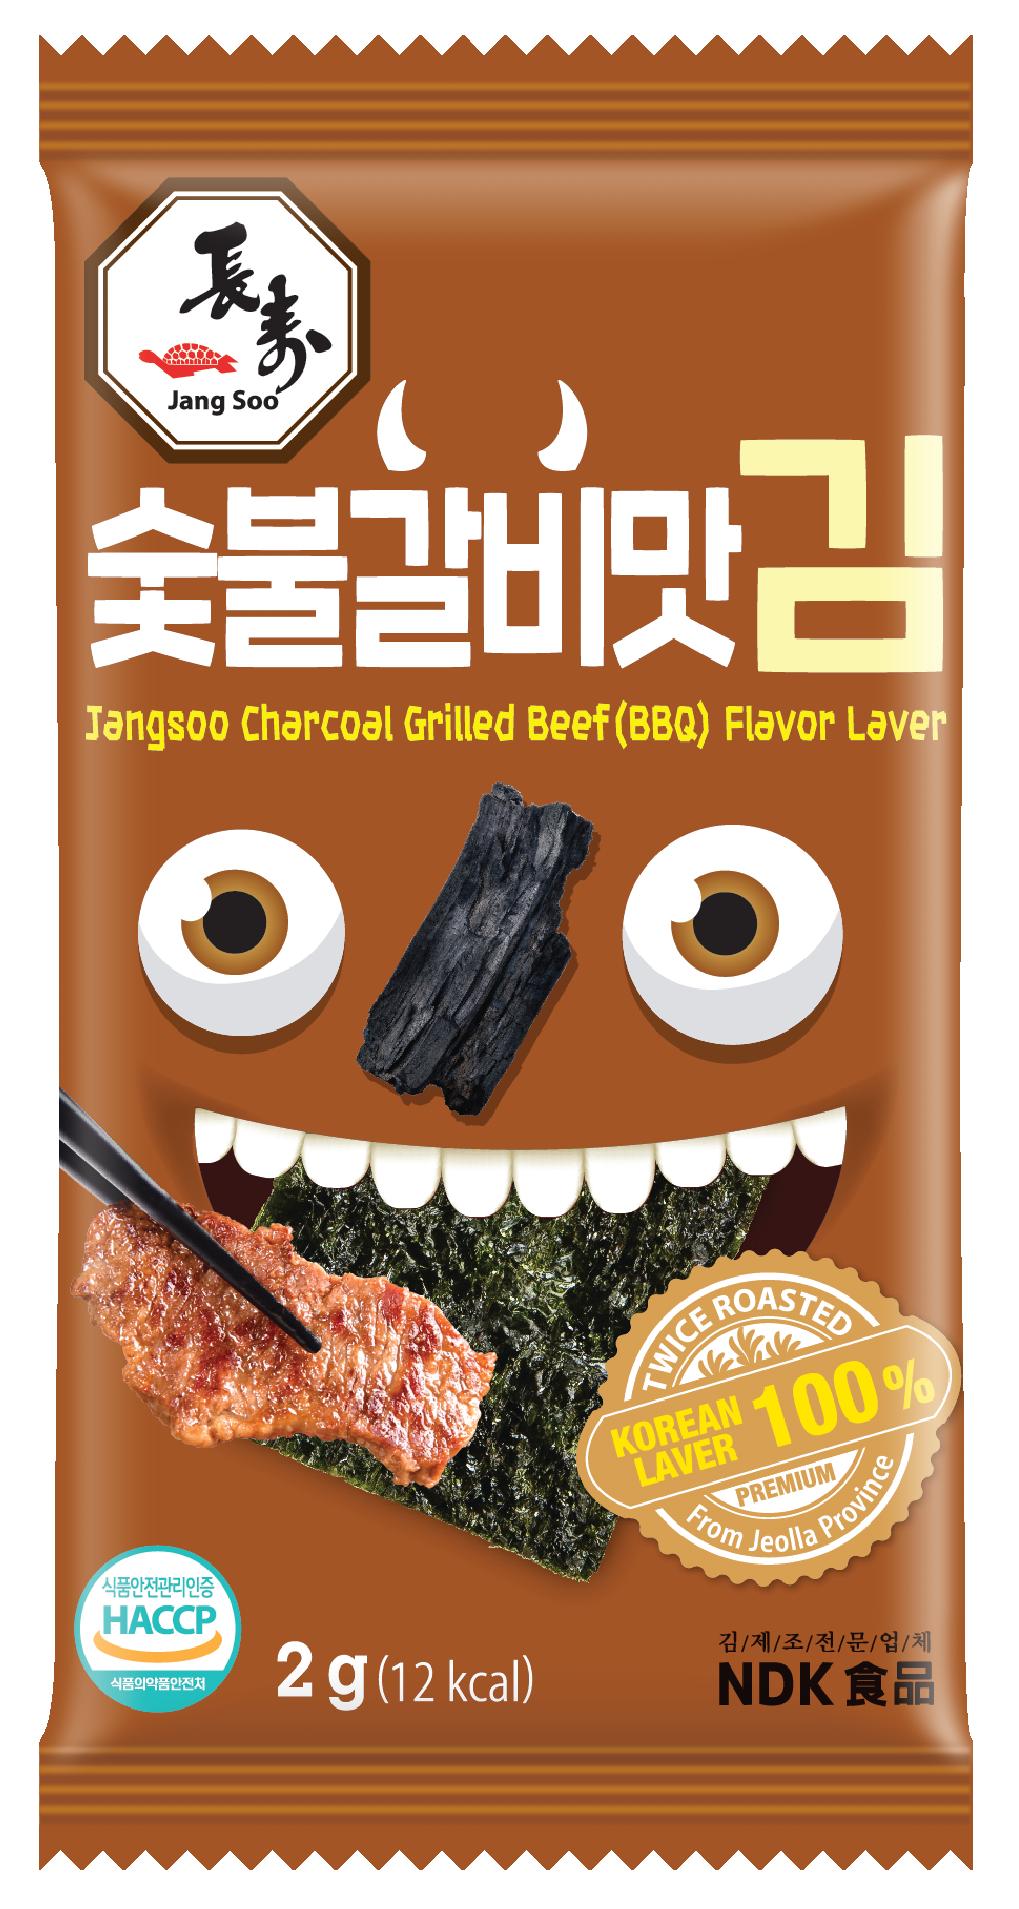 (주)앤디케이식품_사진3(장수숯불갈비맛김)